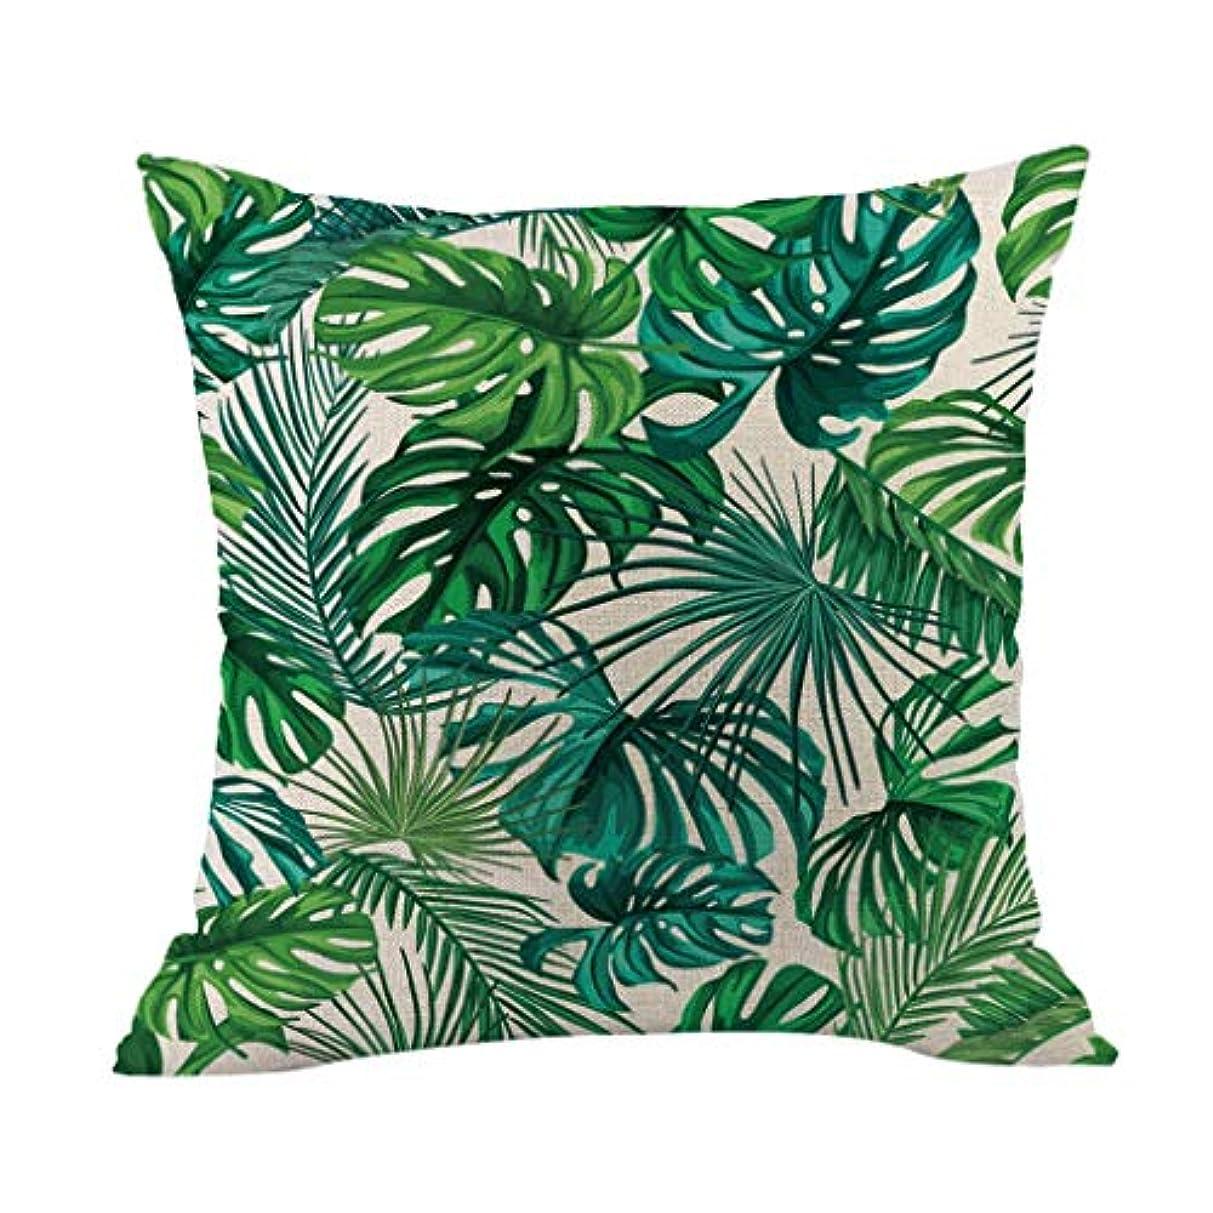 緊張出口コーンウォールLIFE 高品質クッション熱帯植物ポリエステル枕ソファ投げるパッドセットホーム人格クッション coussin decoratif クッション 椅子